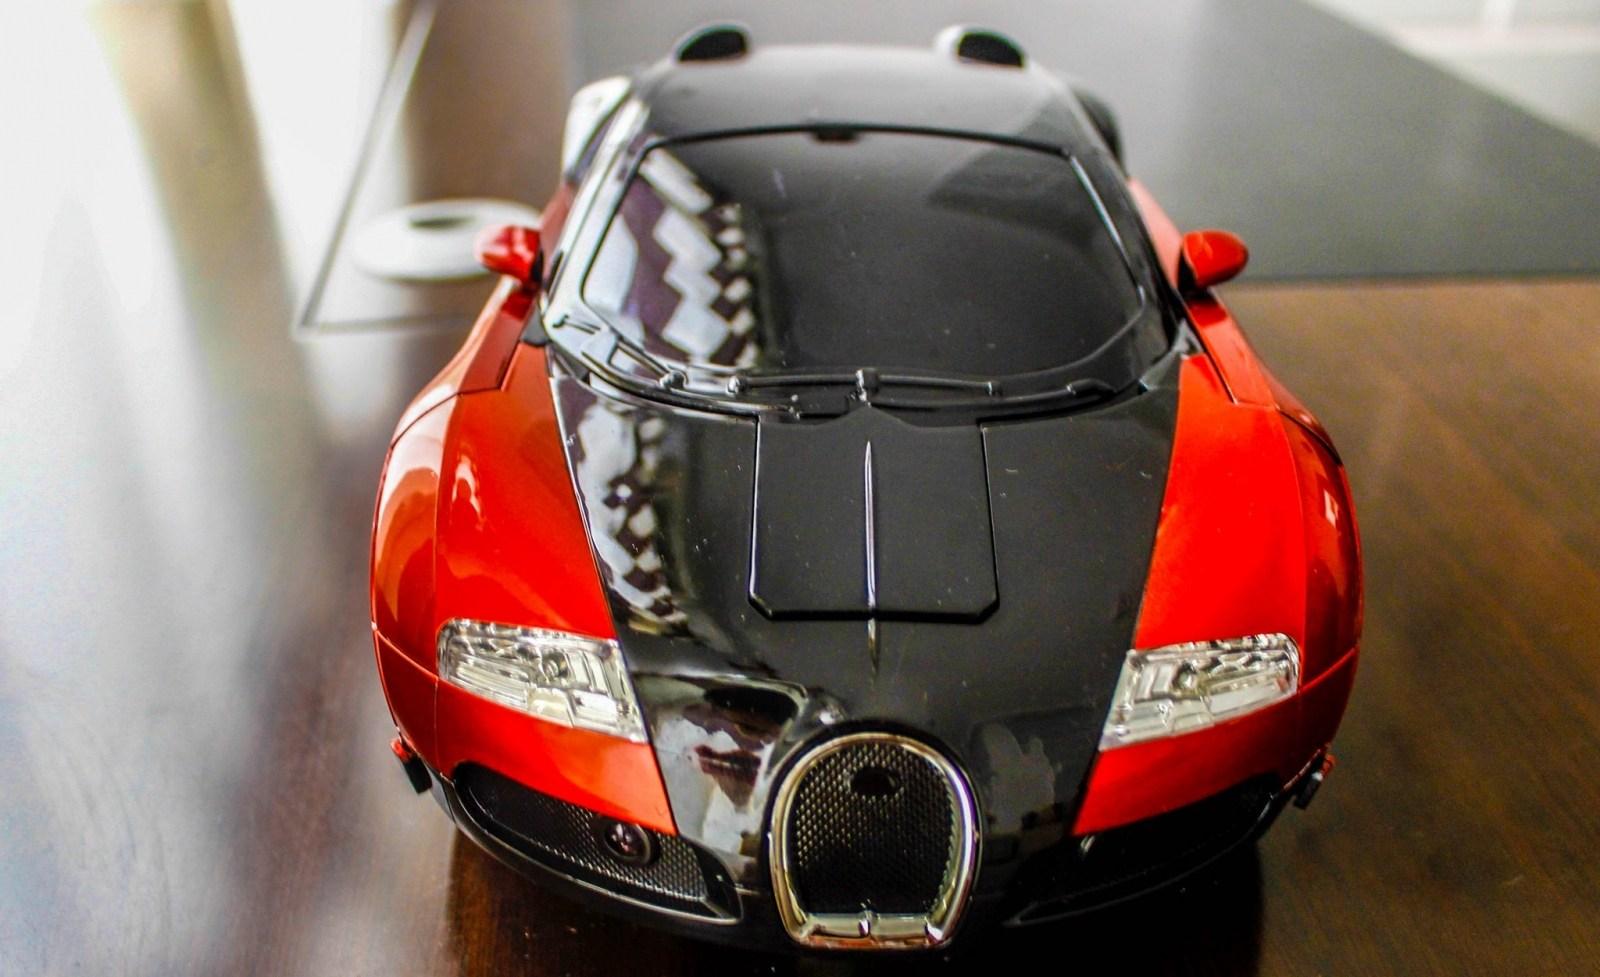 bán đồ chơi xe robot biến hình giá rẻ đẹp độc ở tphcm 005